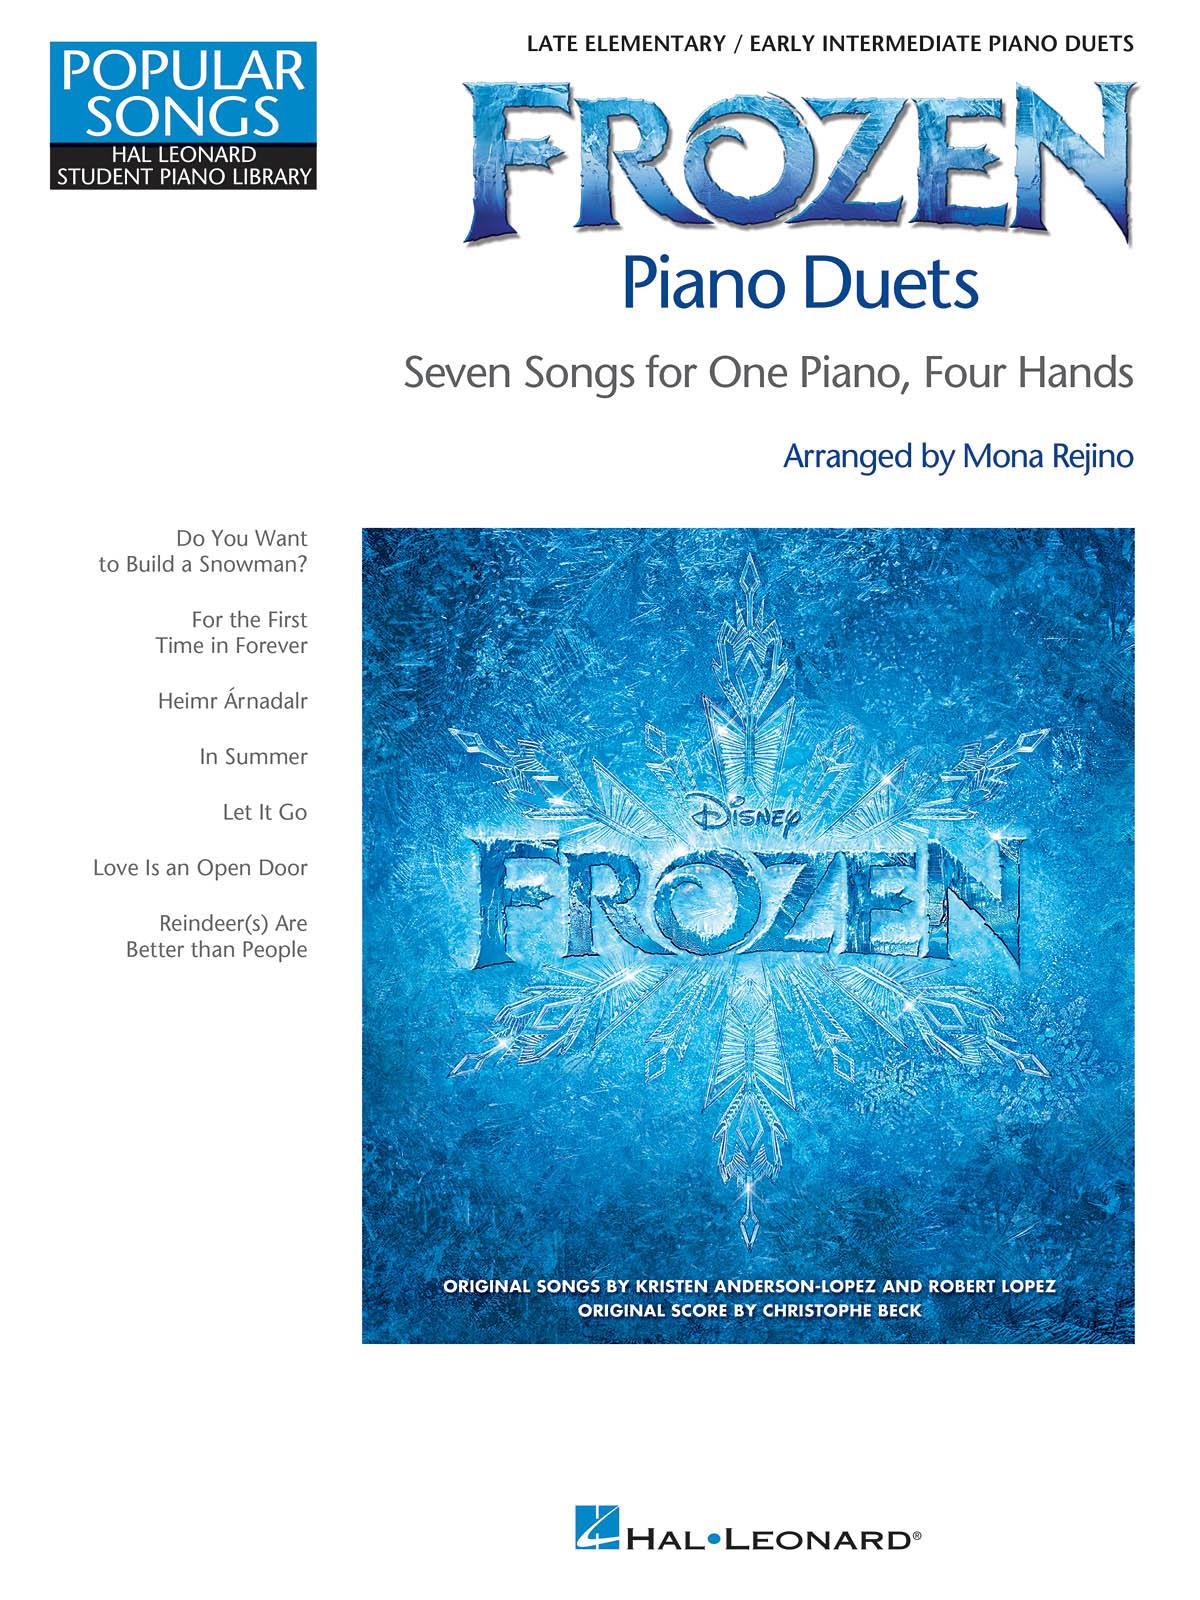 Robert Lopez Kristen Anderson-Lopez: Frozen Piano Duets: Piano 4 Hands: